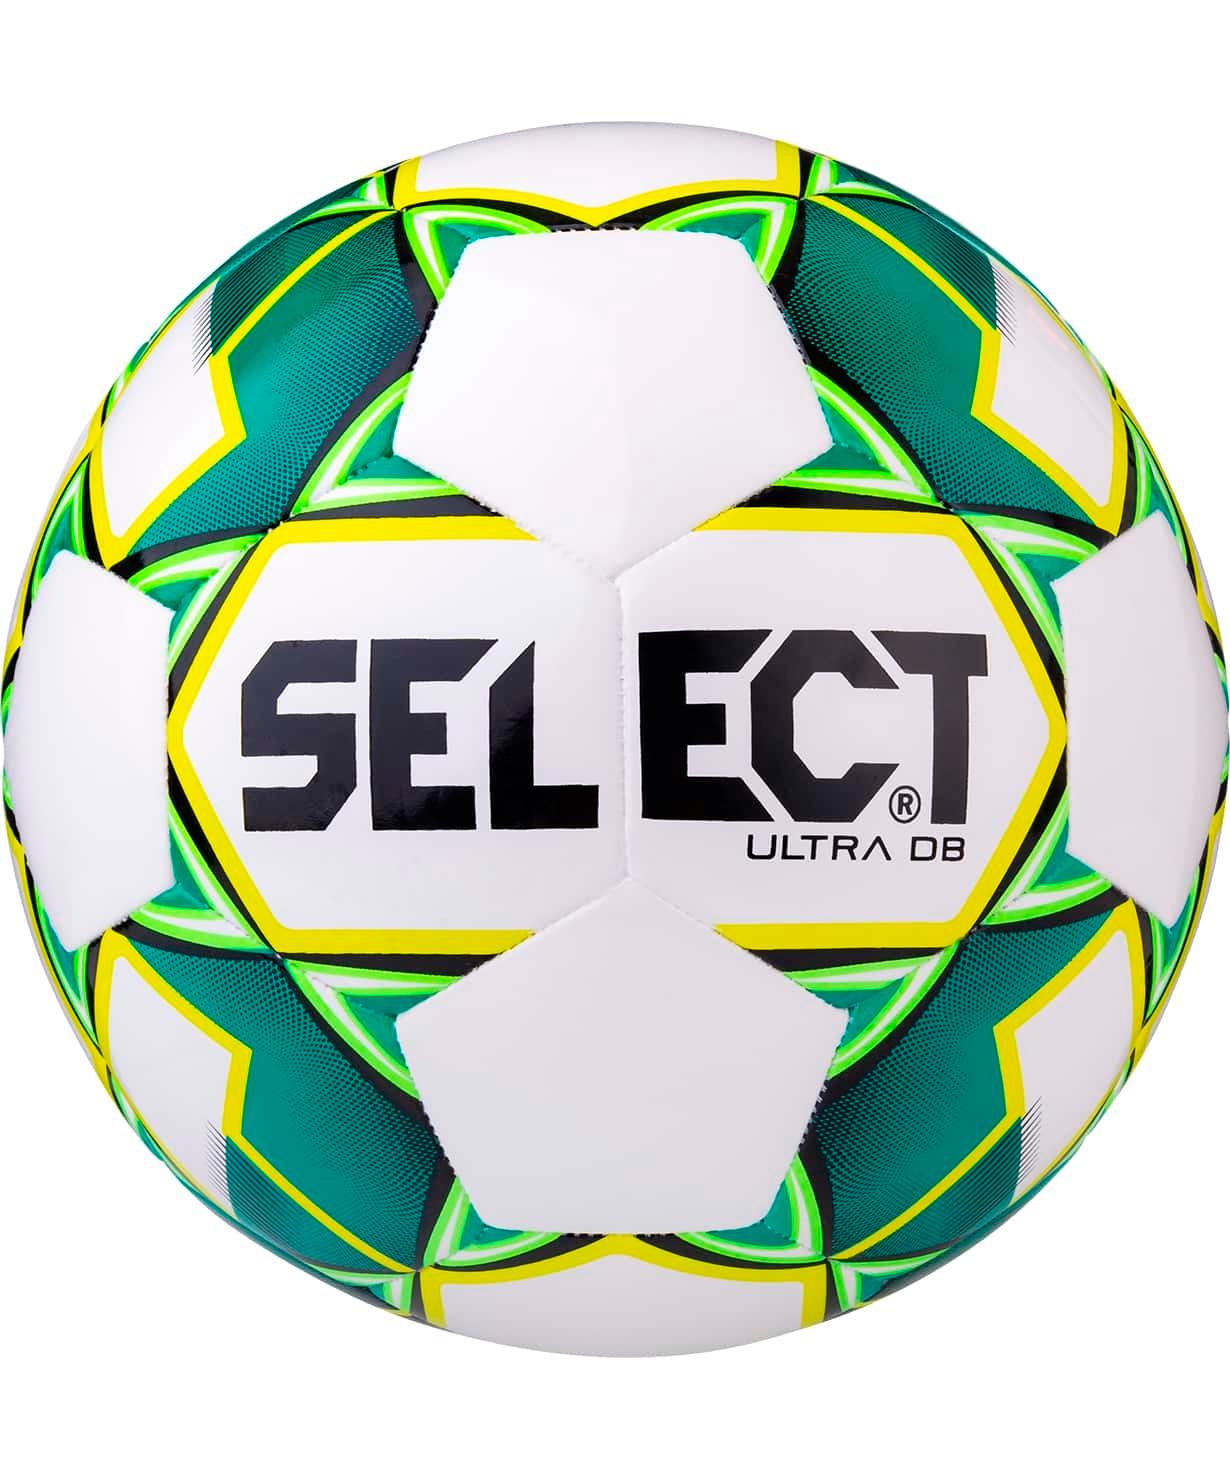 Мяч футбольный Ultra DB 810218, №5, белый/зеленый/желтый/черный